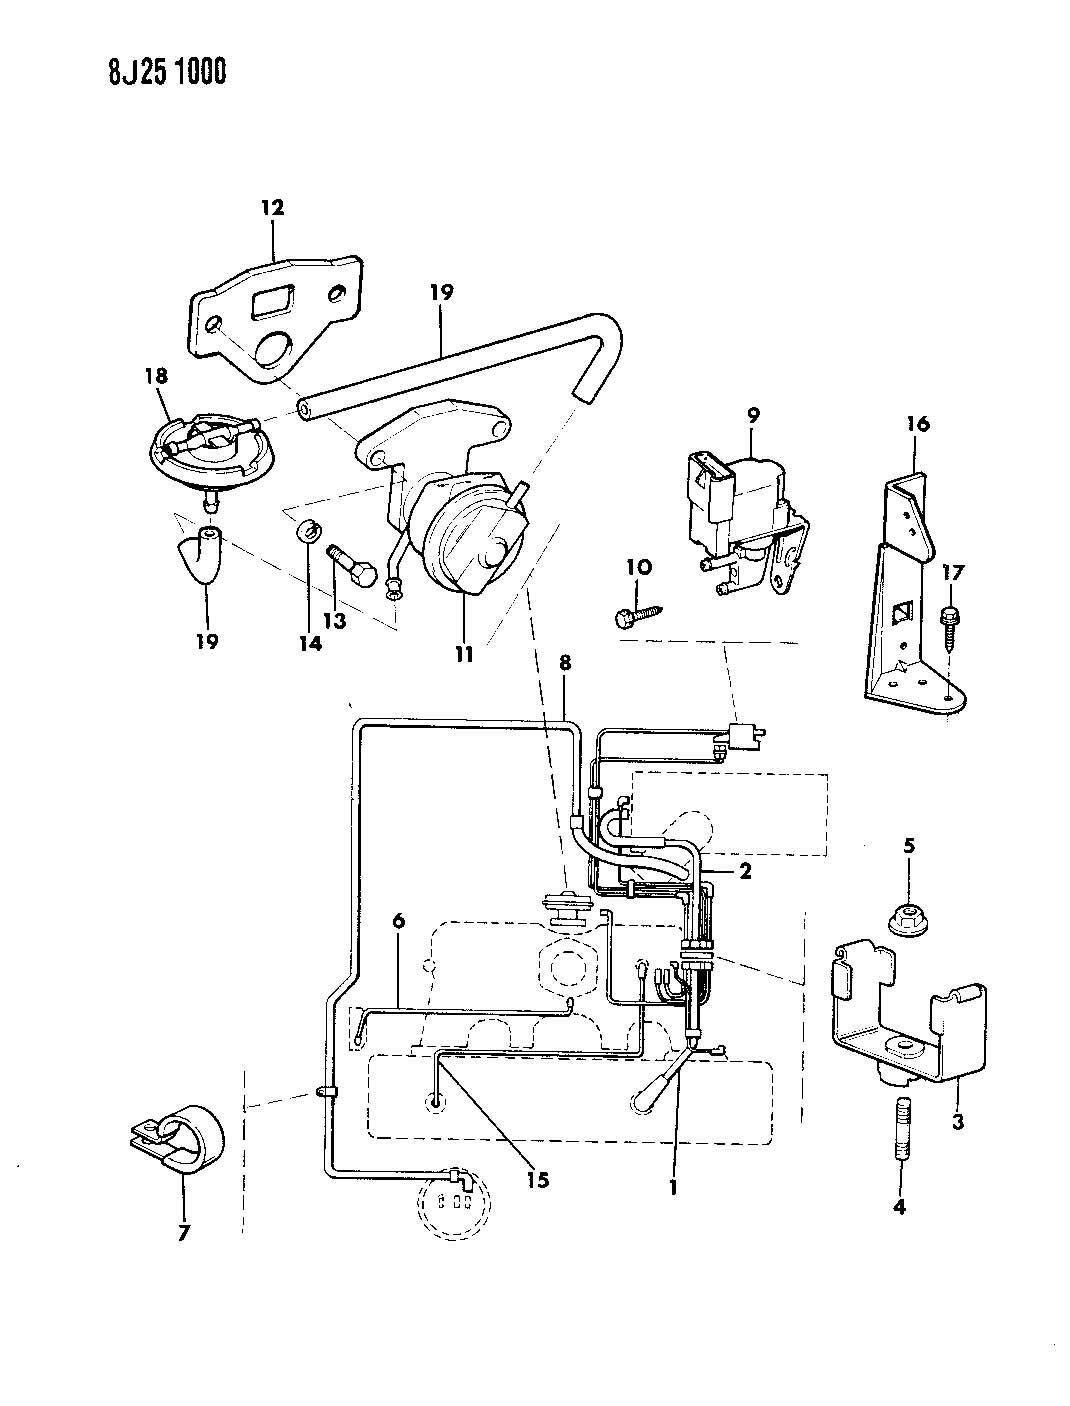 1988 Jeep Comanche 4 0 Engine Diagram. Jeep. Auto Wiring